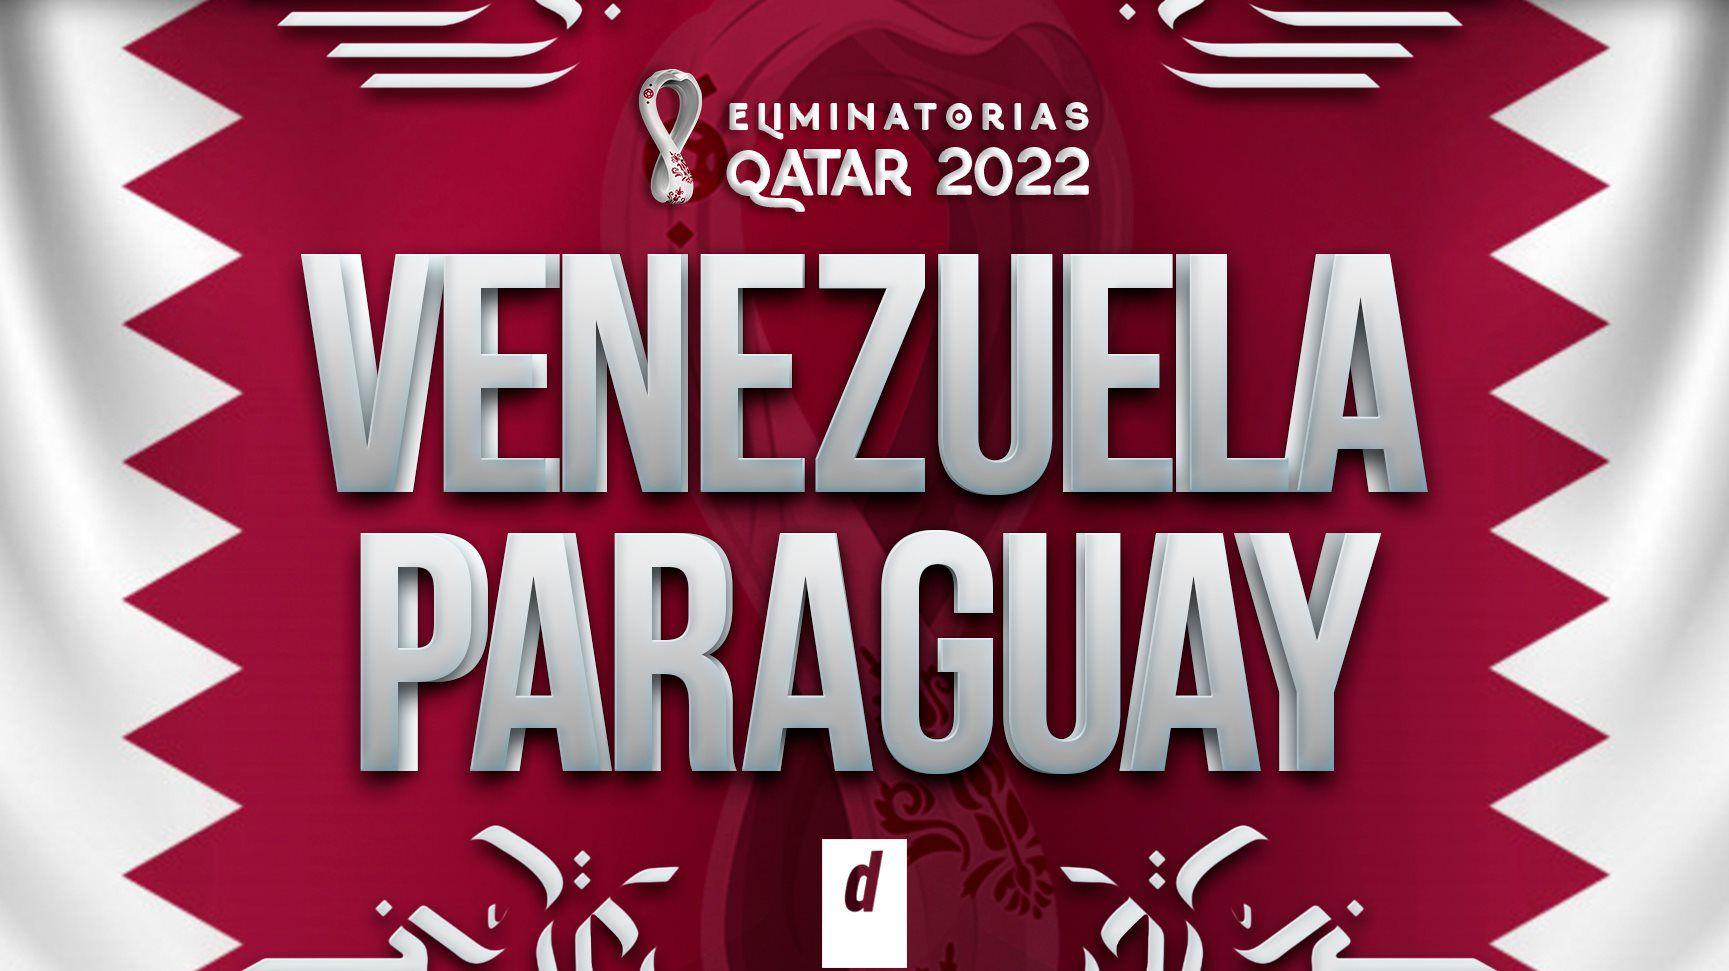 tres-puntos-de-oro-paraguay-vencio-a-venezuela-por-la-segunda-jornada-de-las-eliminatorias-a-qatar-2022